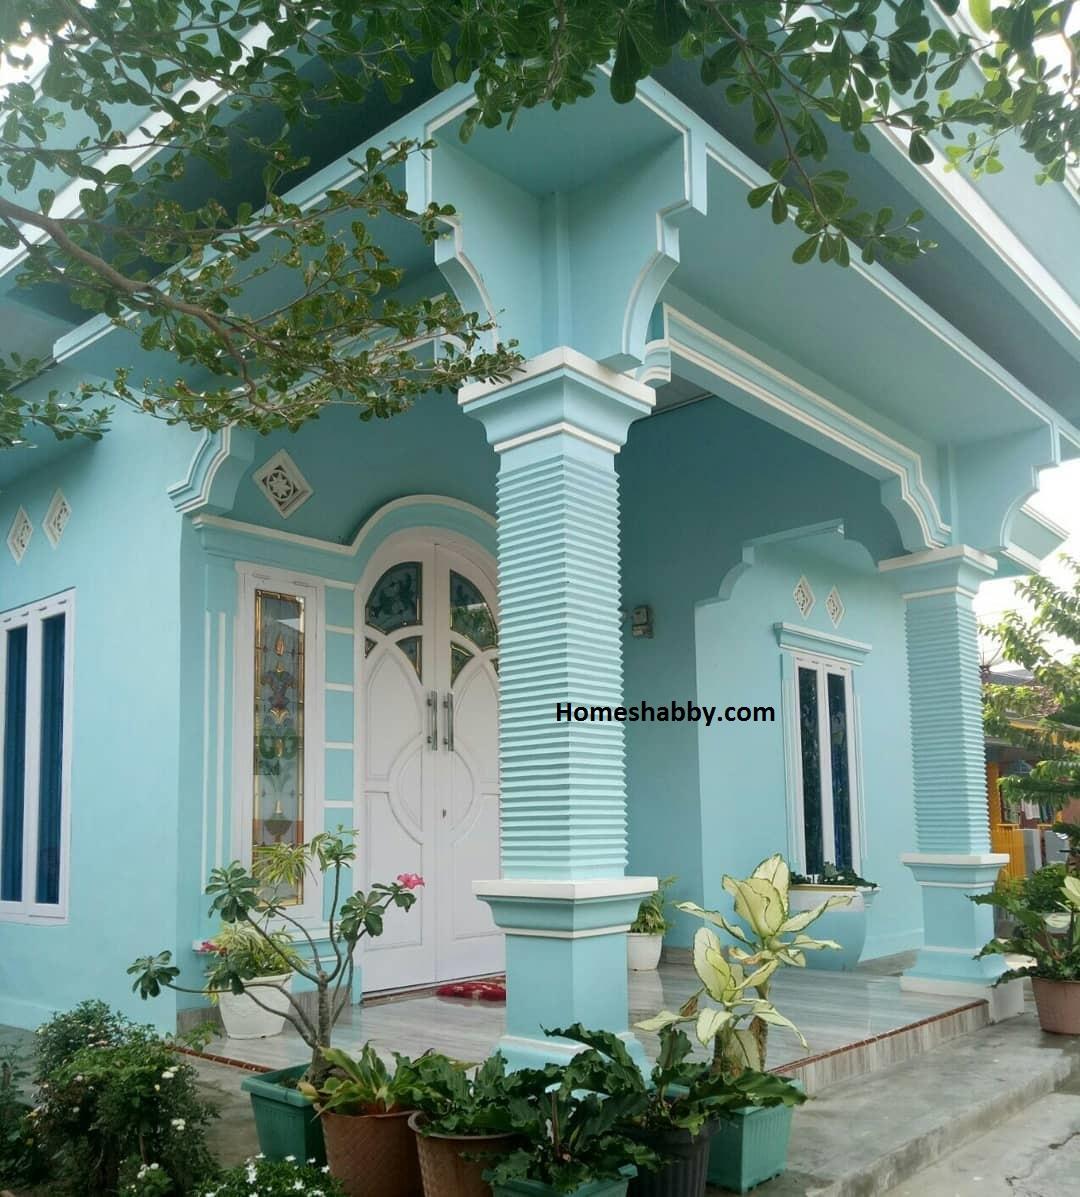 Bisa Di Contoh Kombinasi Warna Cat Rumah Nuansa Biru Yang Menenangkan Homeshabby Com Design Home Plans Home Decorating And Interior Design Kombinasi cat warna putih